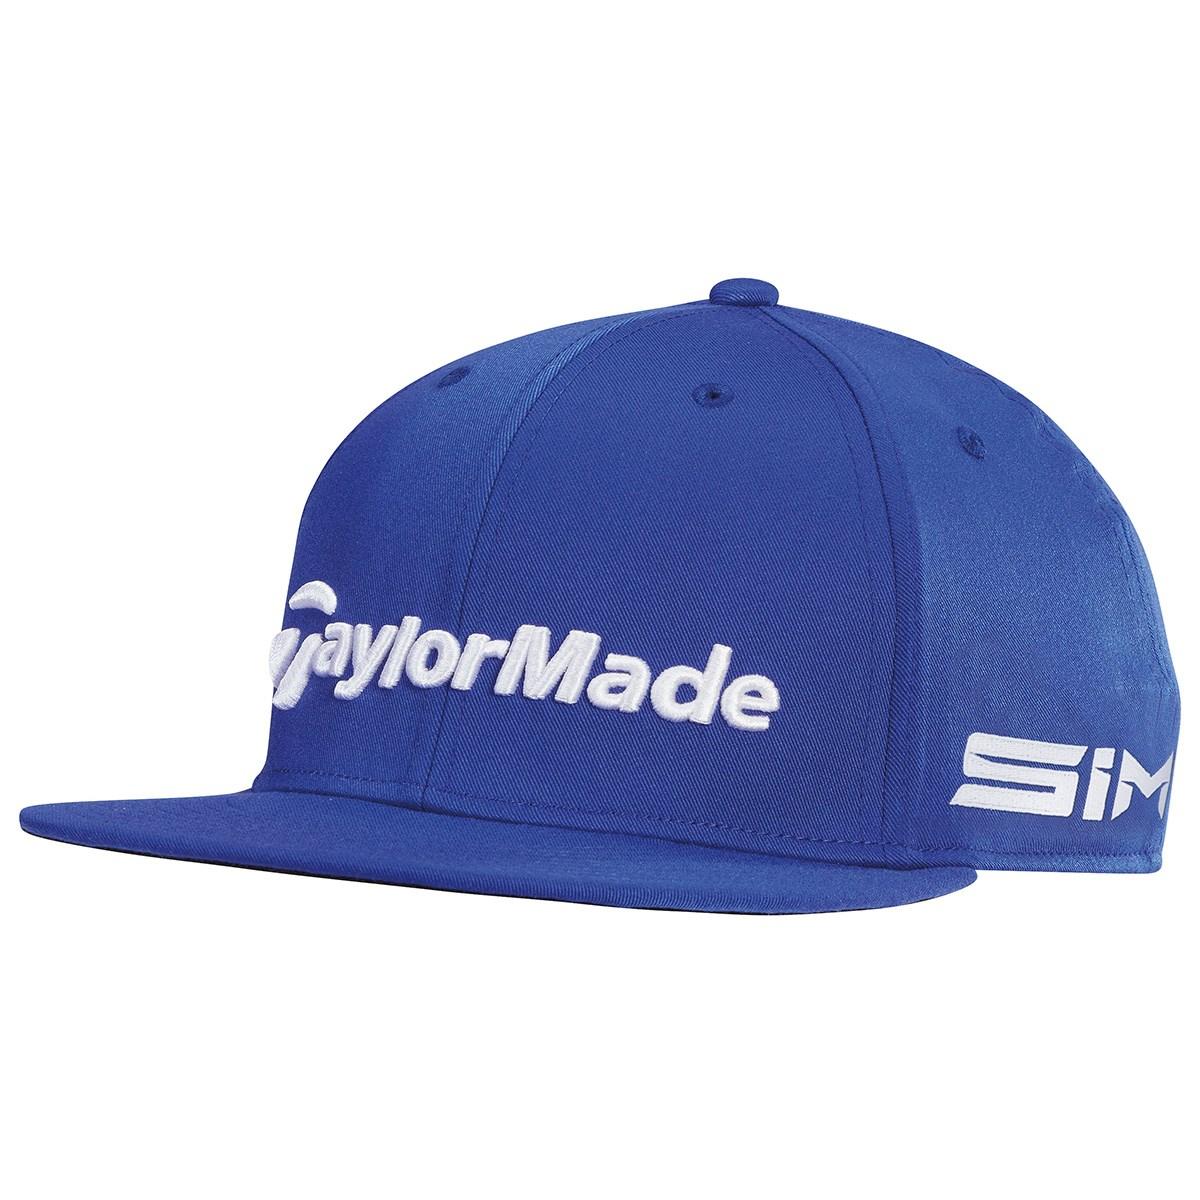 テーラーメイド(Taylor Made) ツアーフラットビル キャップ